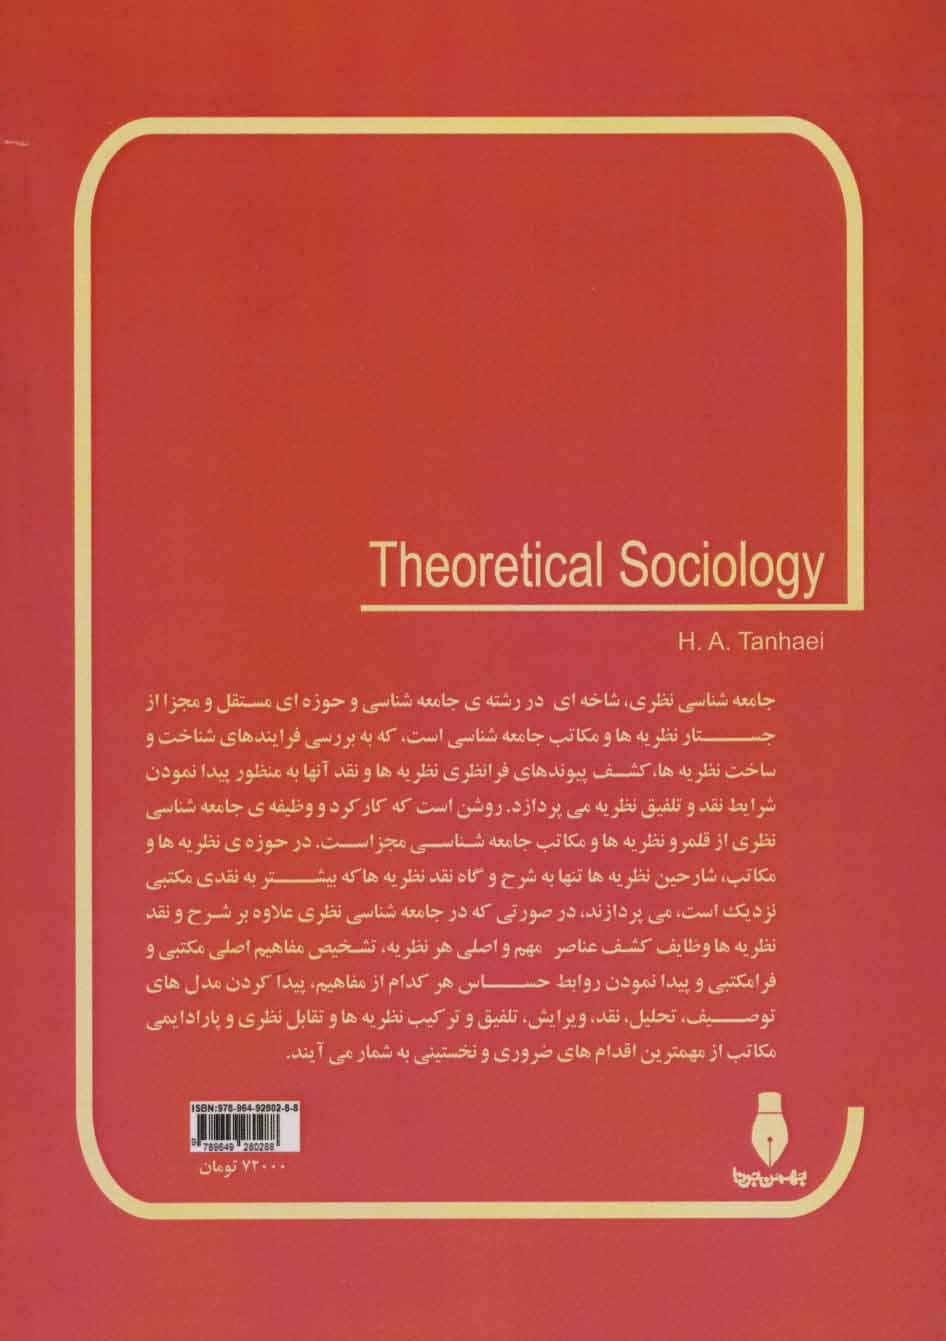 جامعه شناسی نظری (تخیل جامعه شناختی در بستر تاریخ 1)